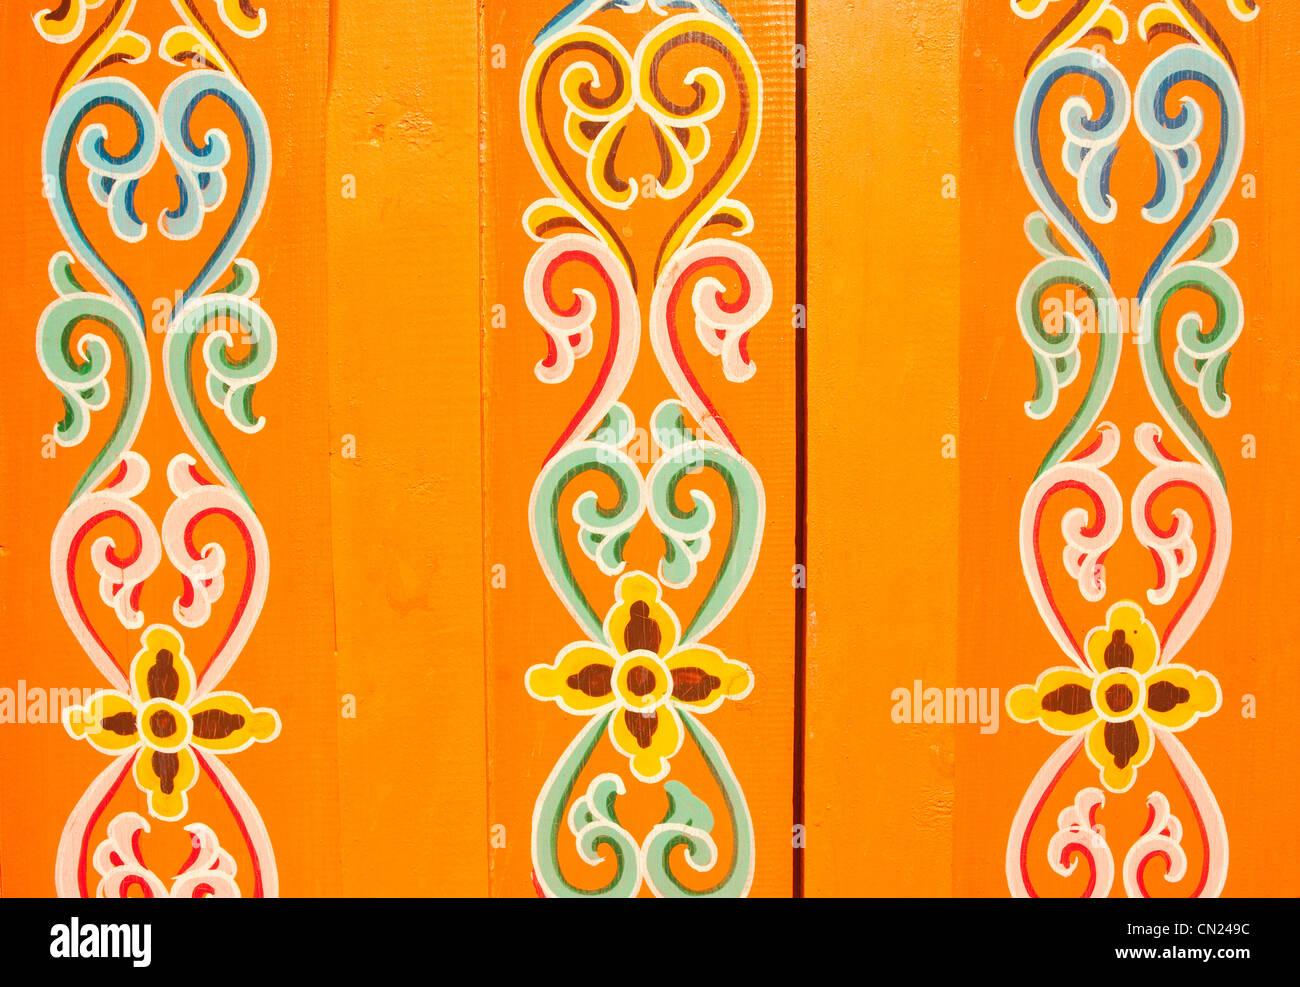 Motivo decorativo su gypsy yurt Immagini Stock